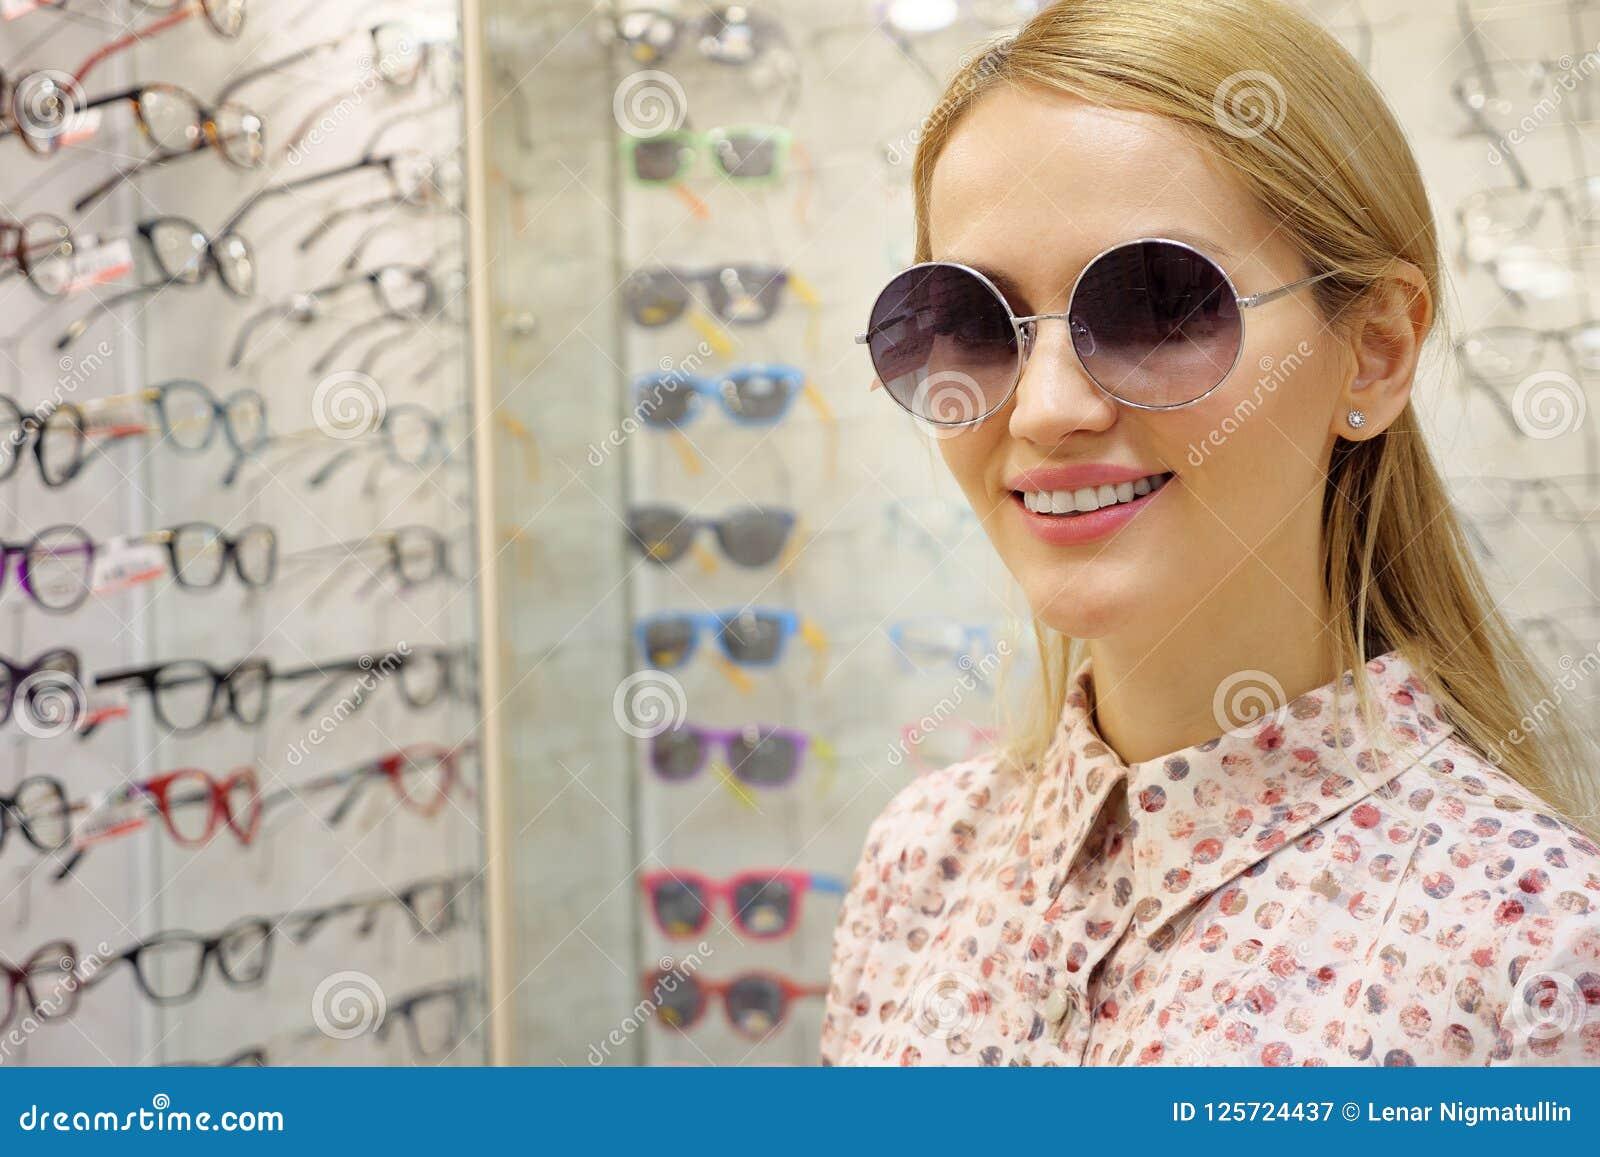 Junge Frau wählt Solargläser im Optikerspeicher